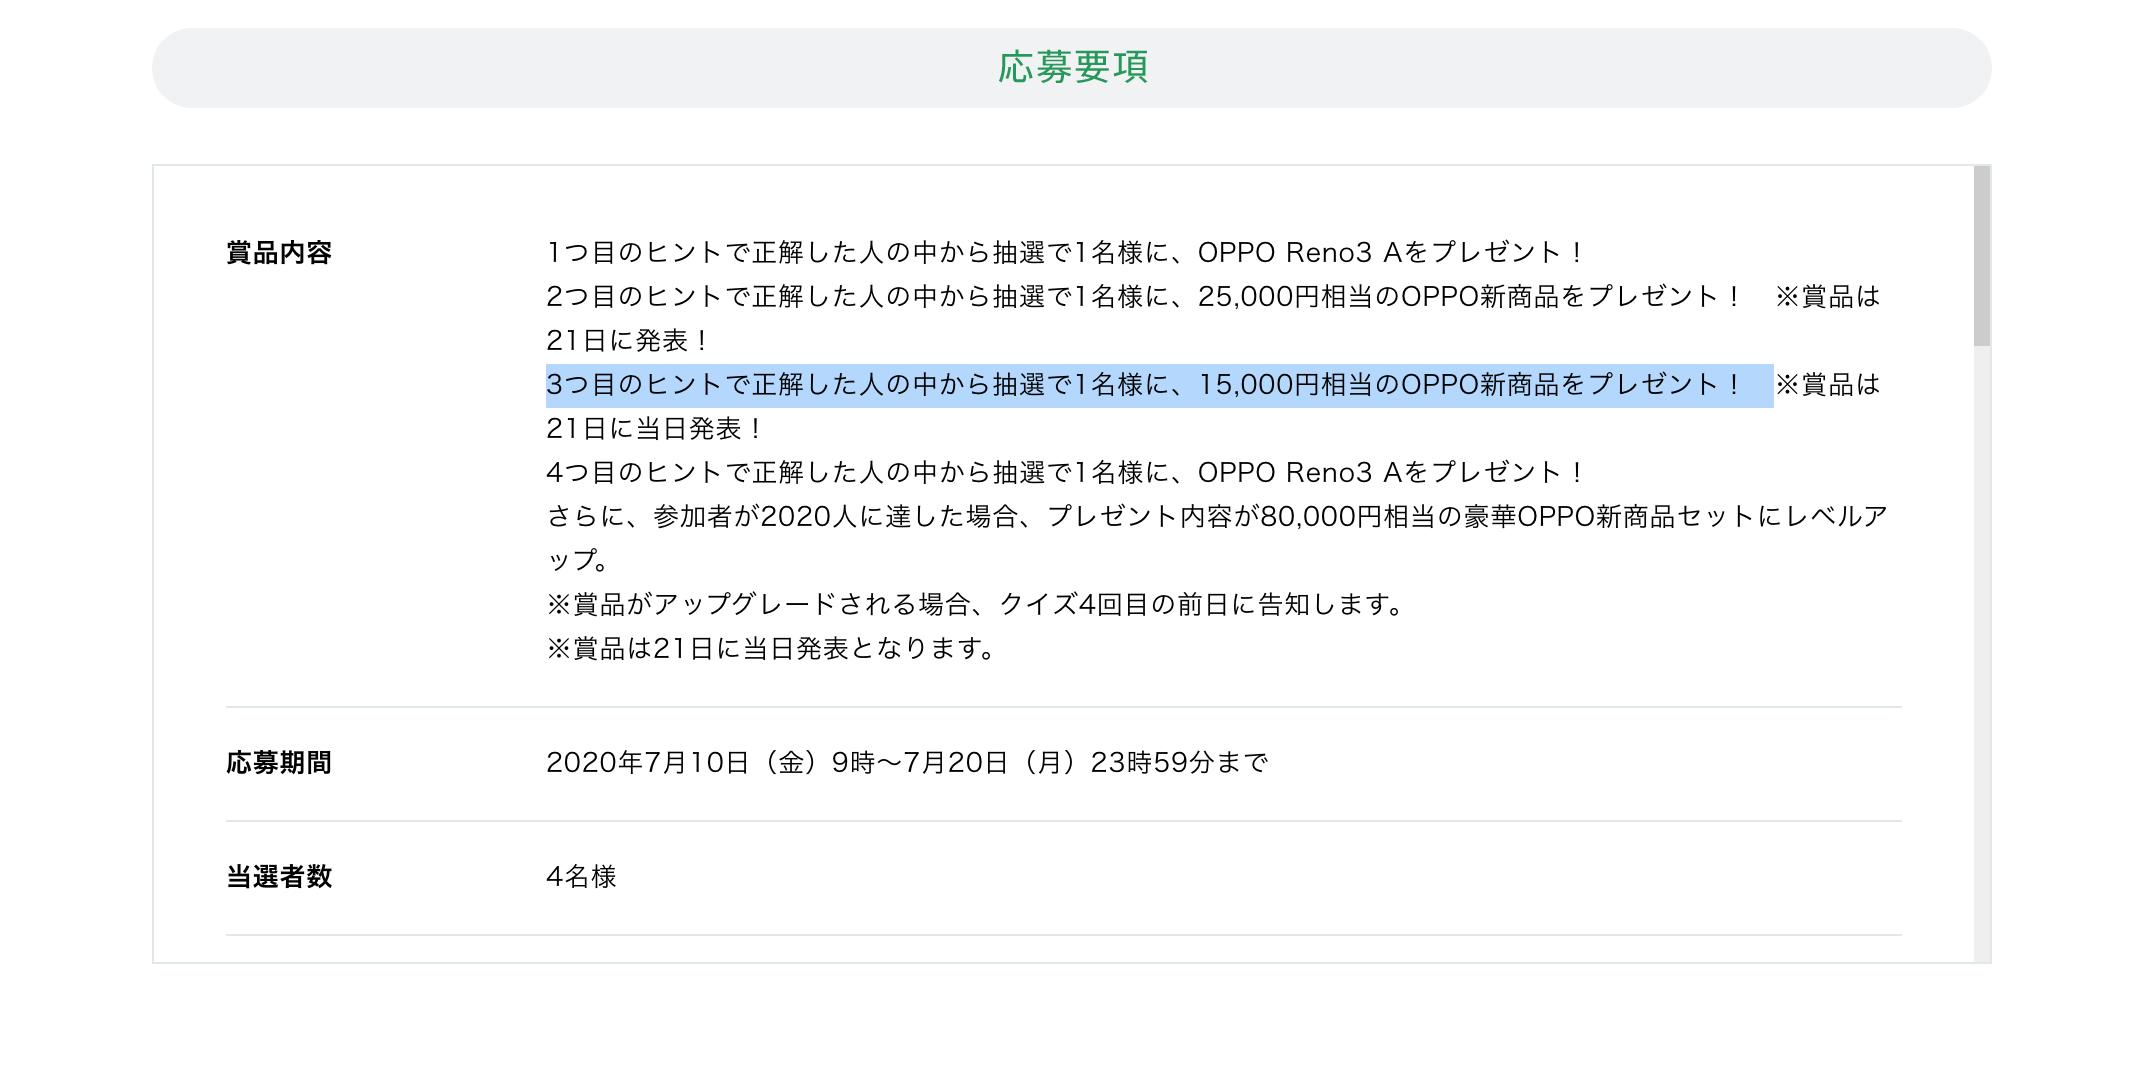 f:id:Azusa_Hirano:20200709130941p:plain